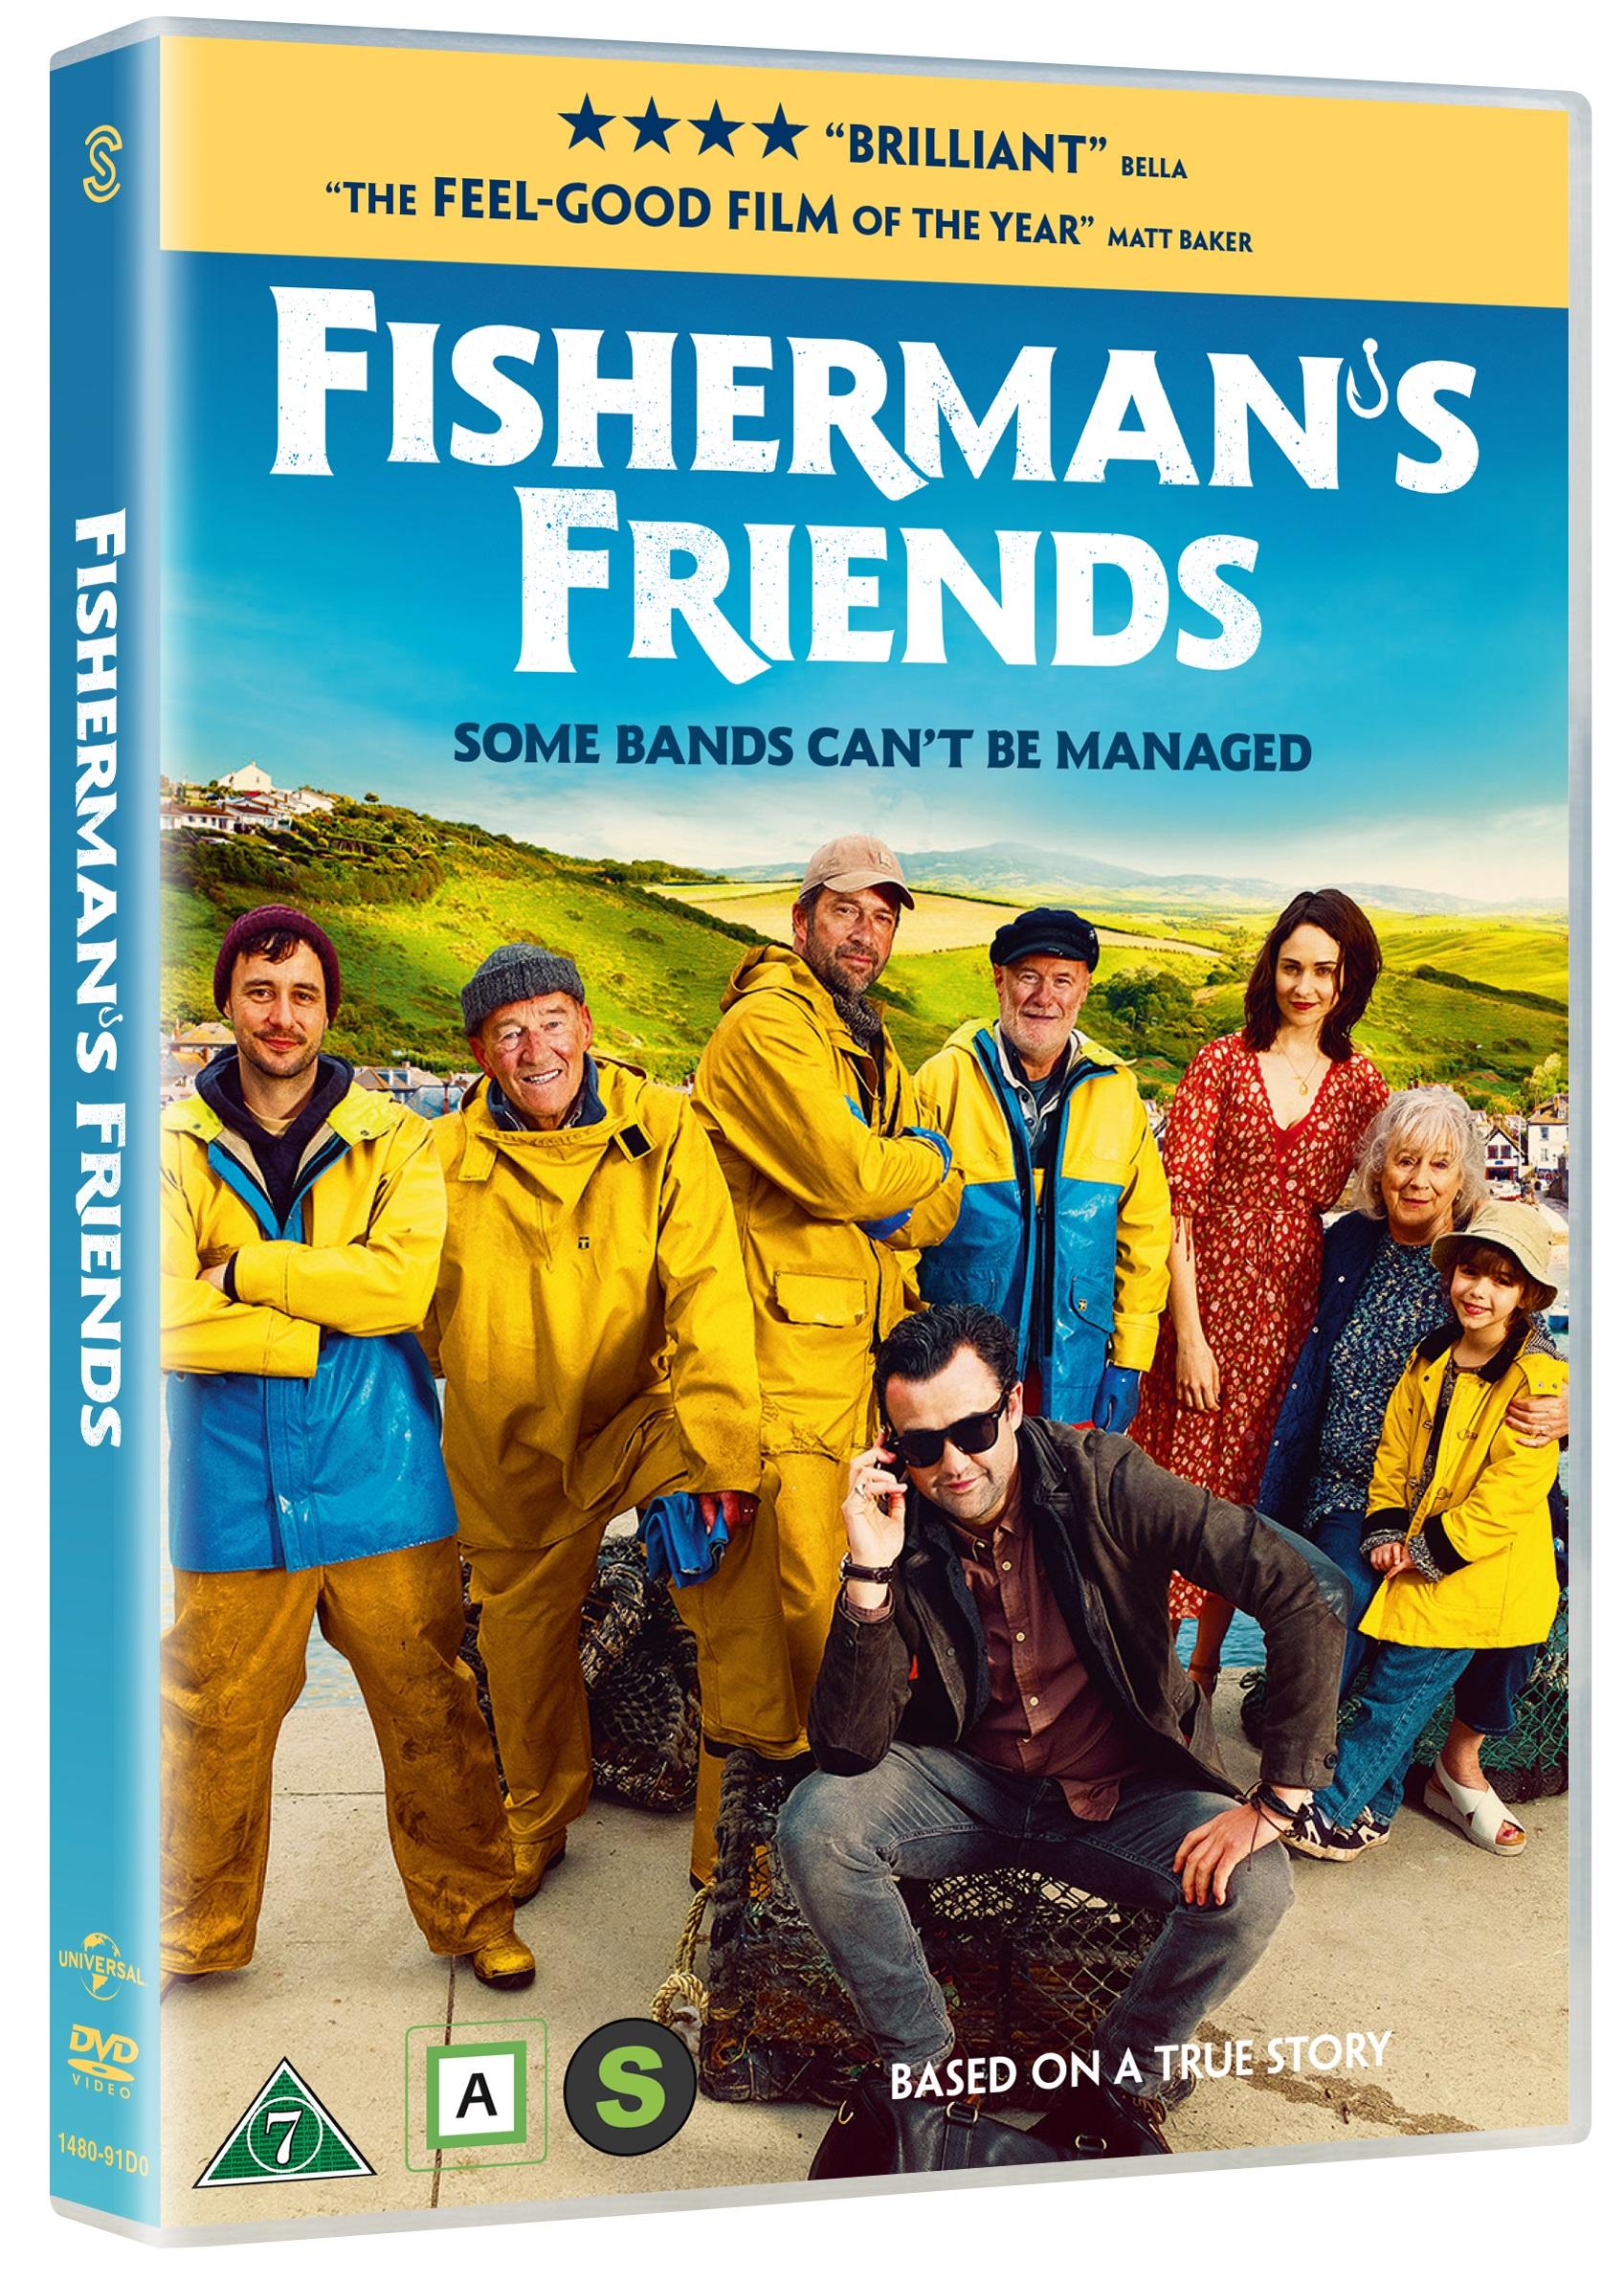 Fisherman's Friends -  - Film -  - 5706169001975 - 12/12-2019